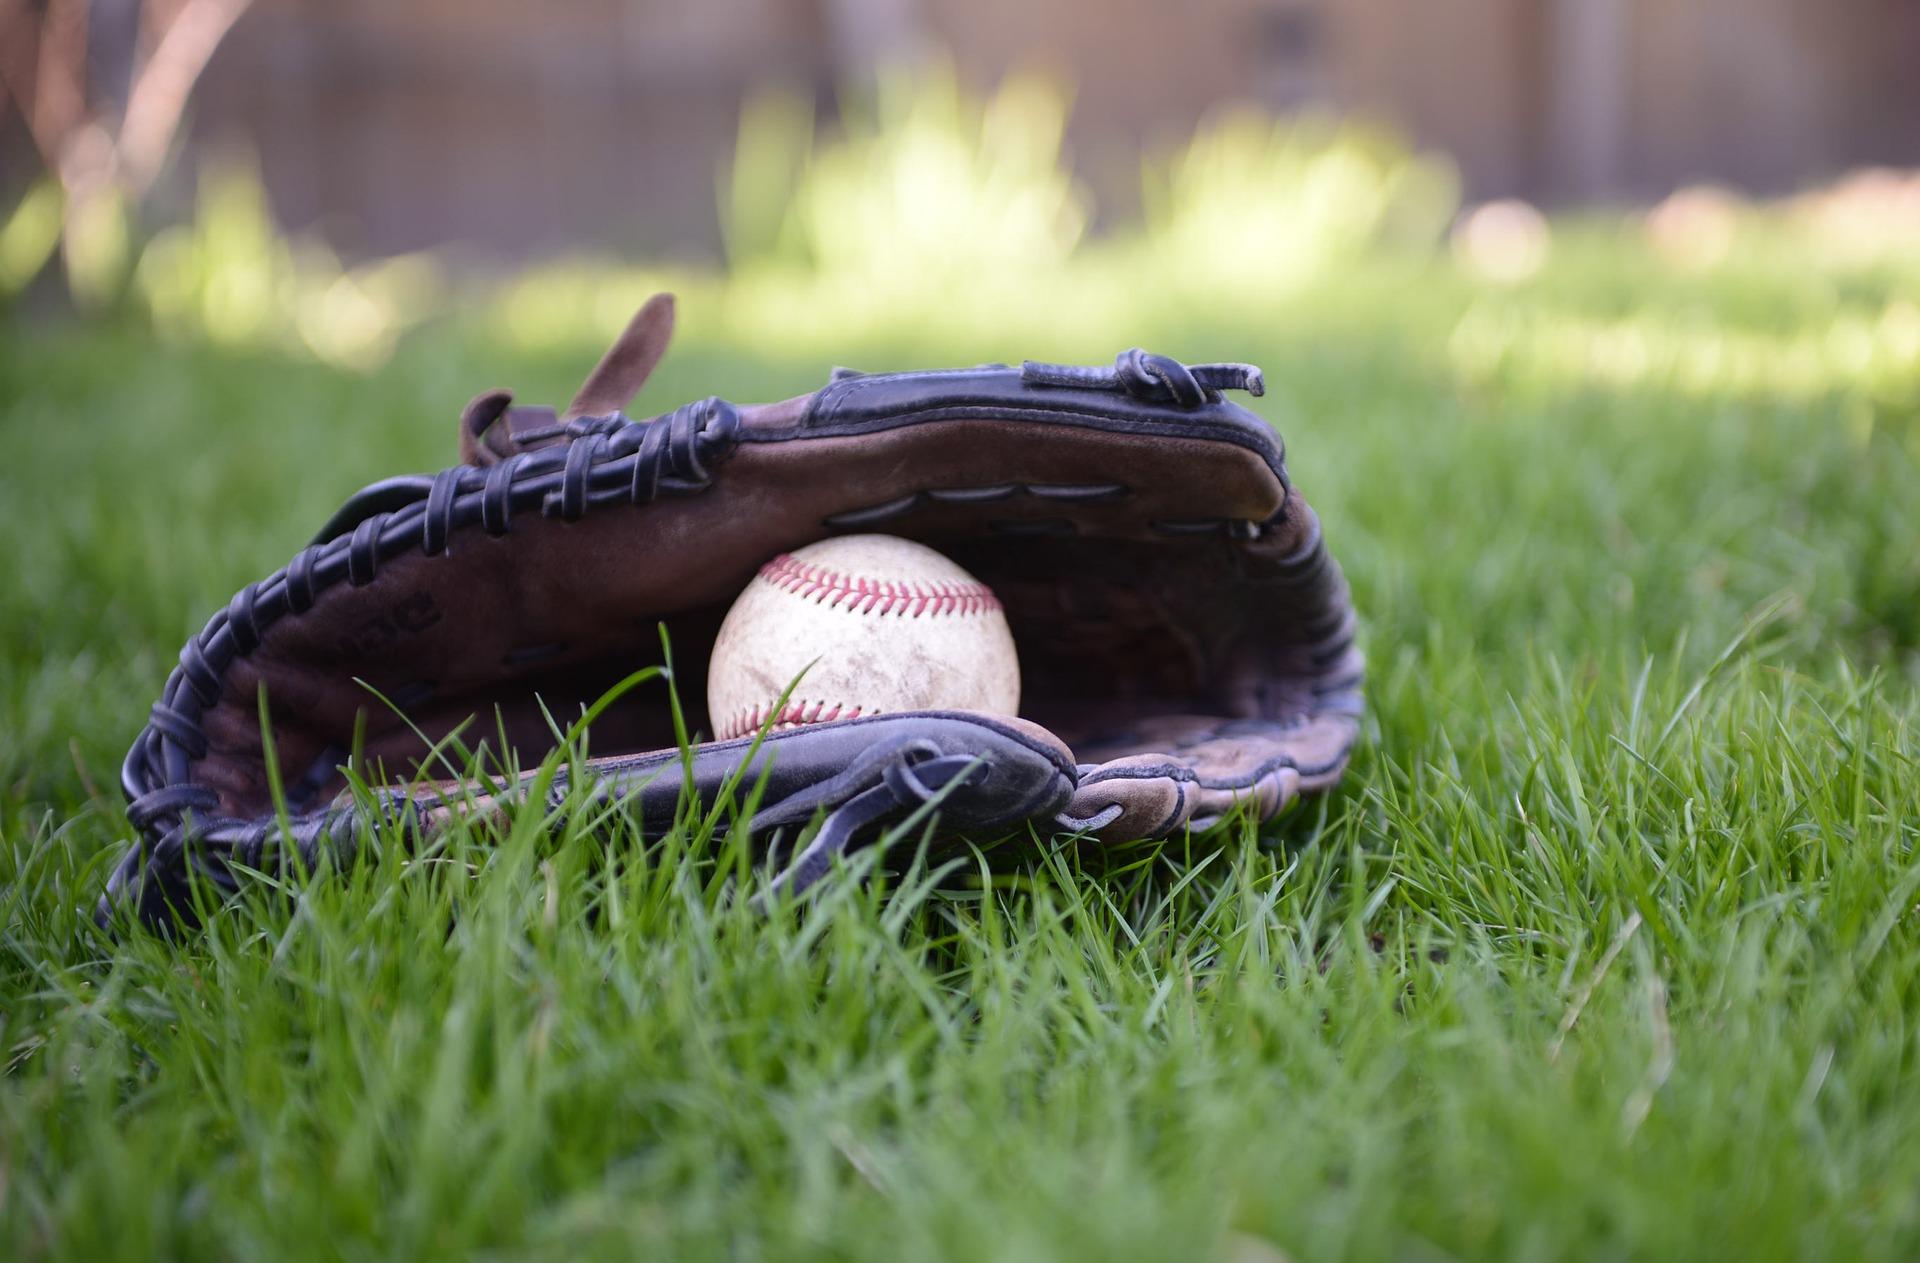 Gant et balle de baseball dans l'herbe